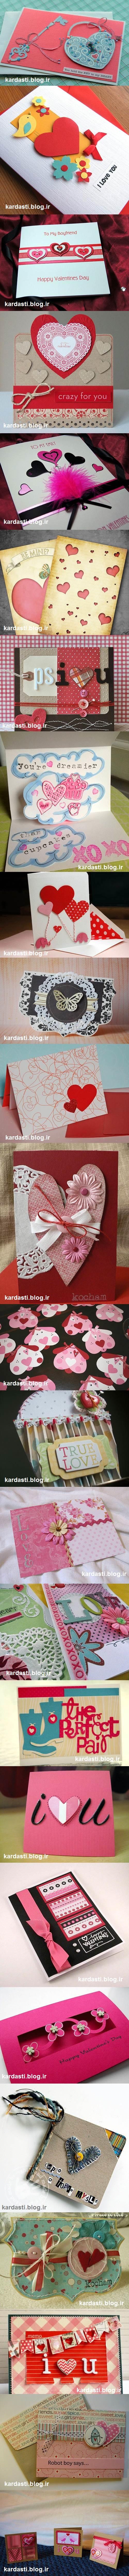 کارت پستال های شیک و زیبا مخصوص روز ولنتاین